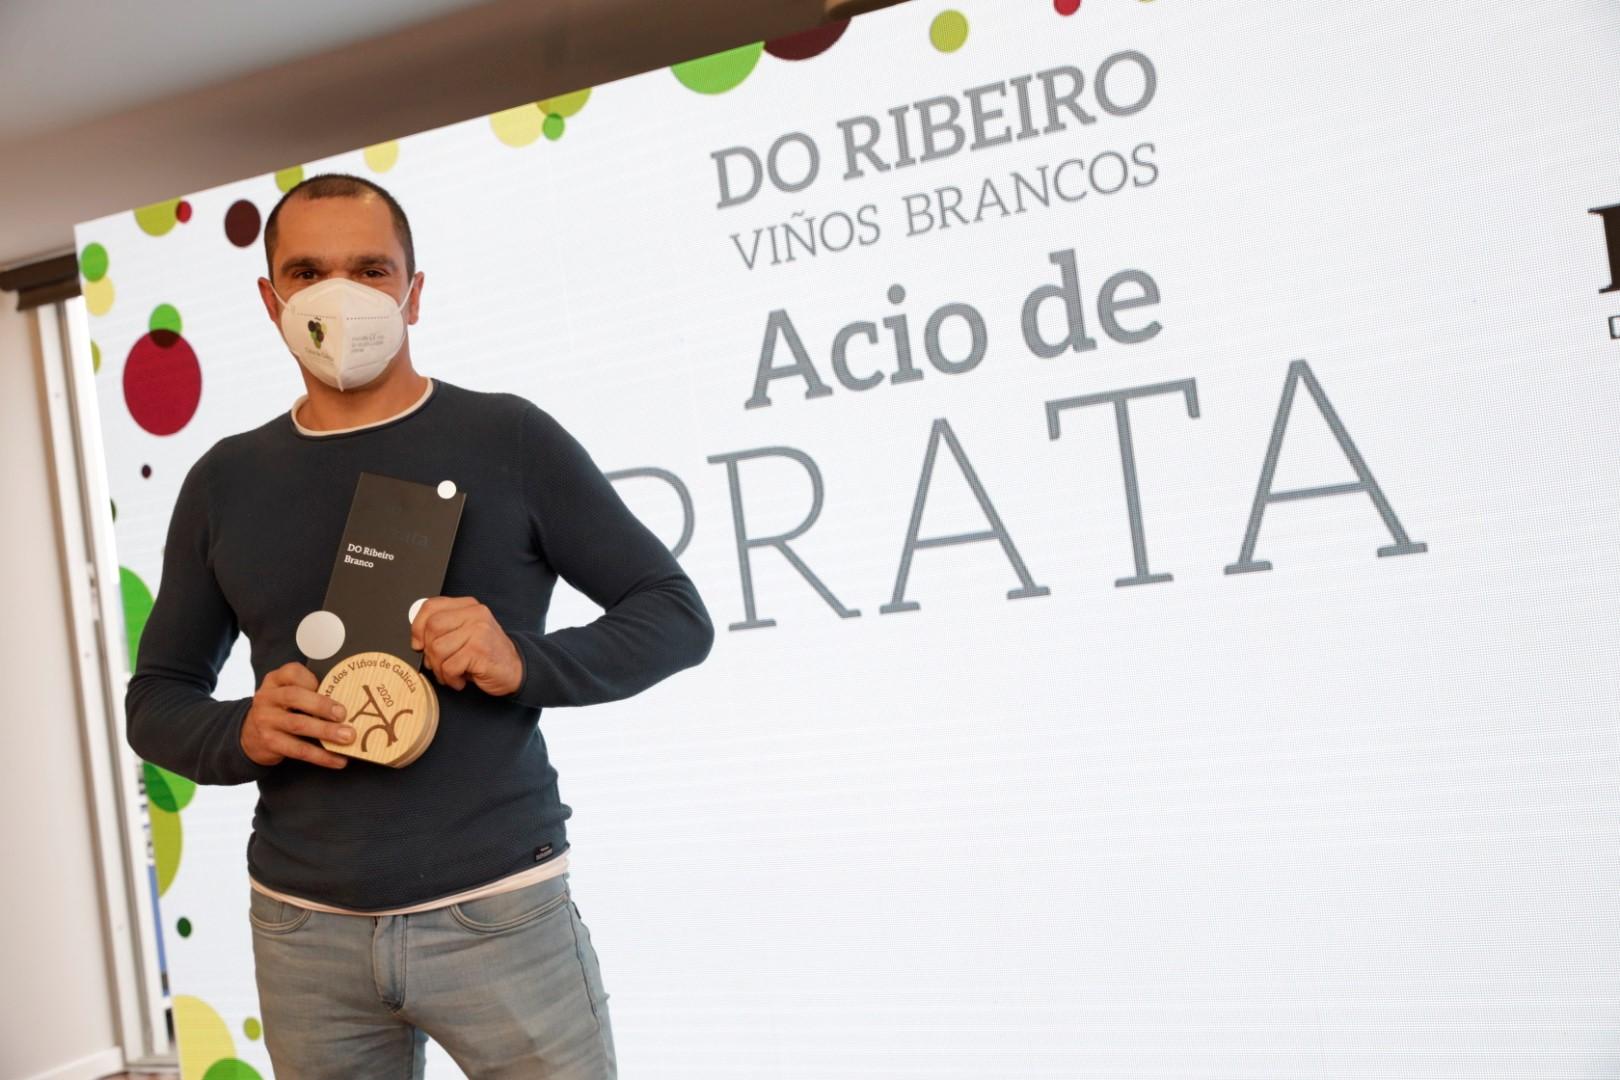 201112_MR_Gañadores Catas de Galicia_DO Ribeiro BRANCO ACIO DE PRATA 2